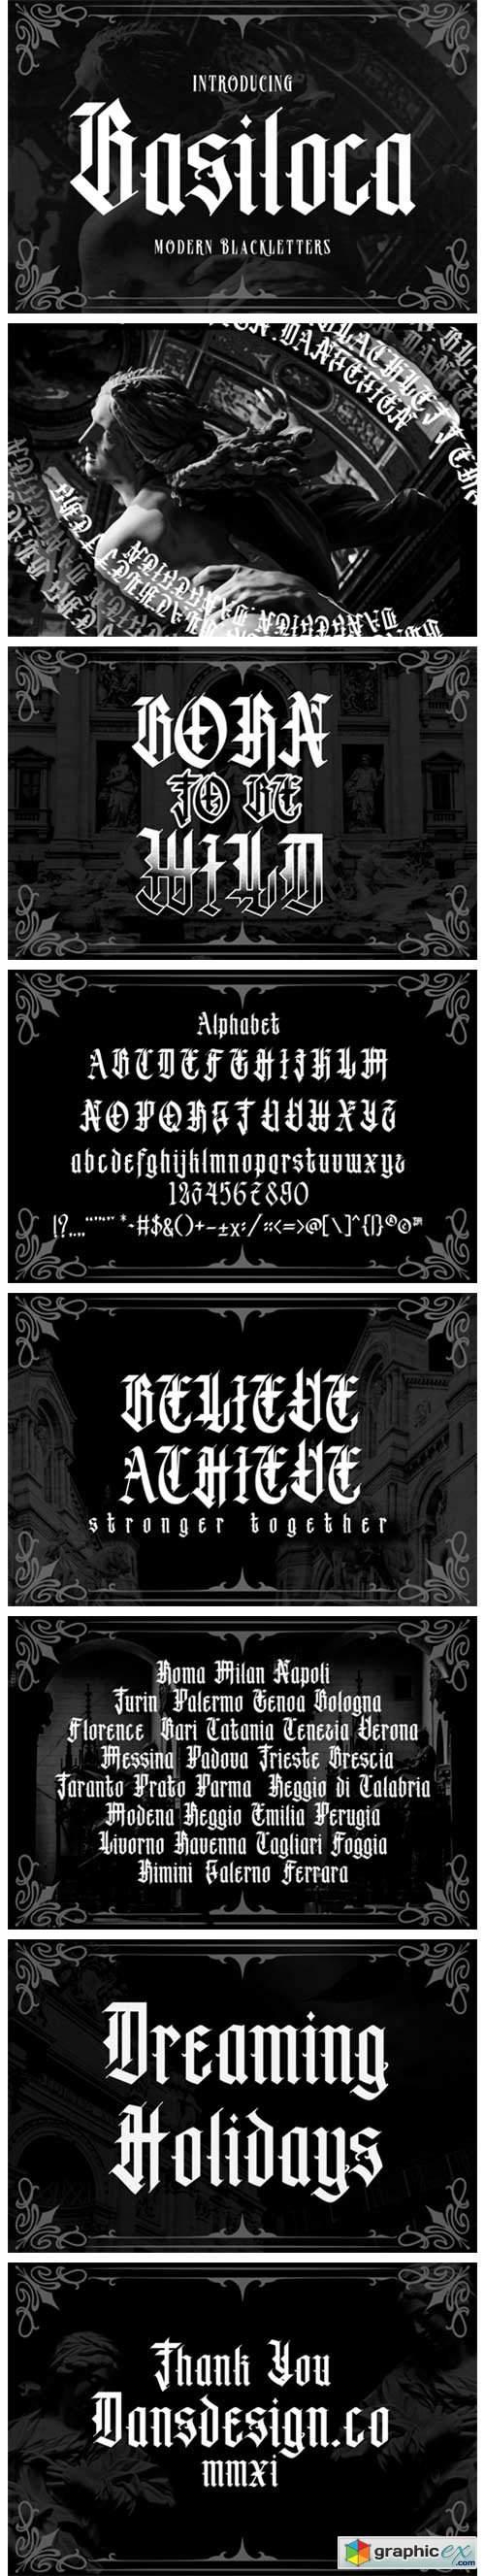 Basiloca Font